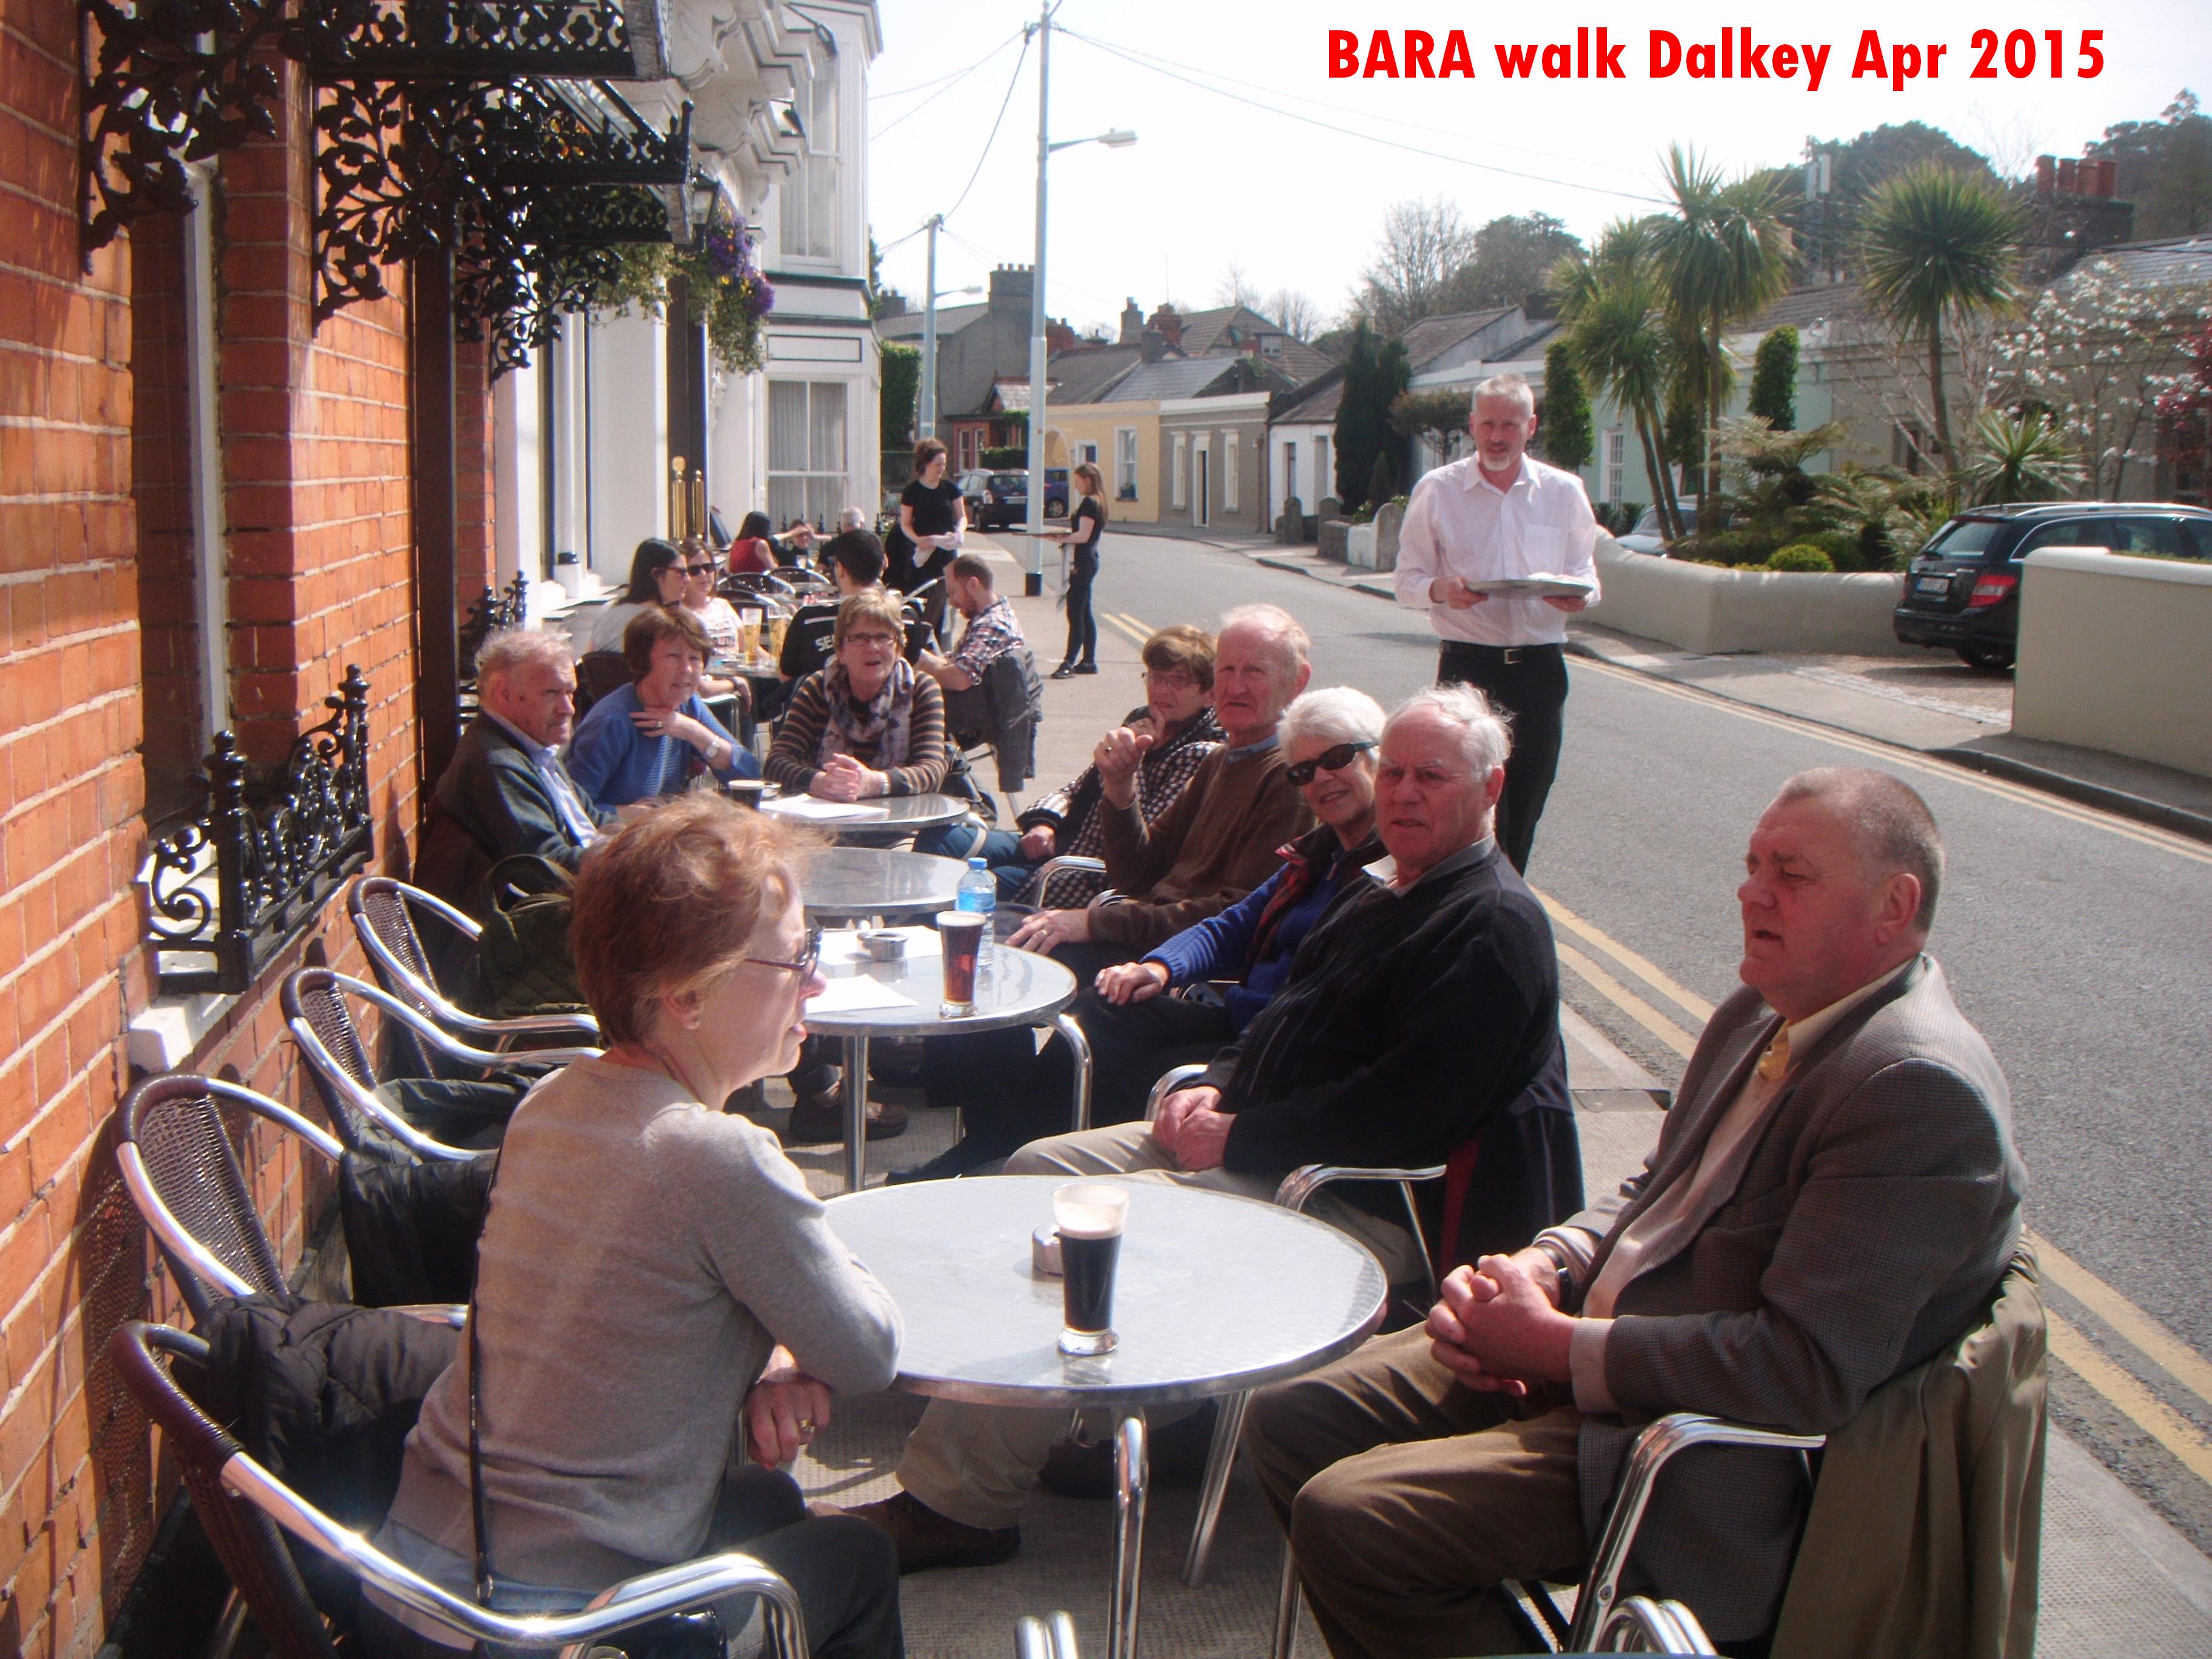 Dalkey Walk 2015